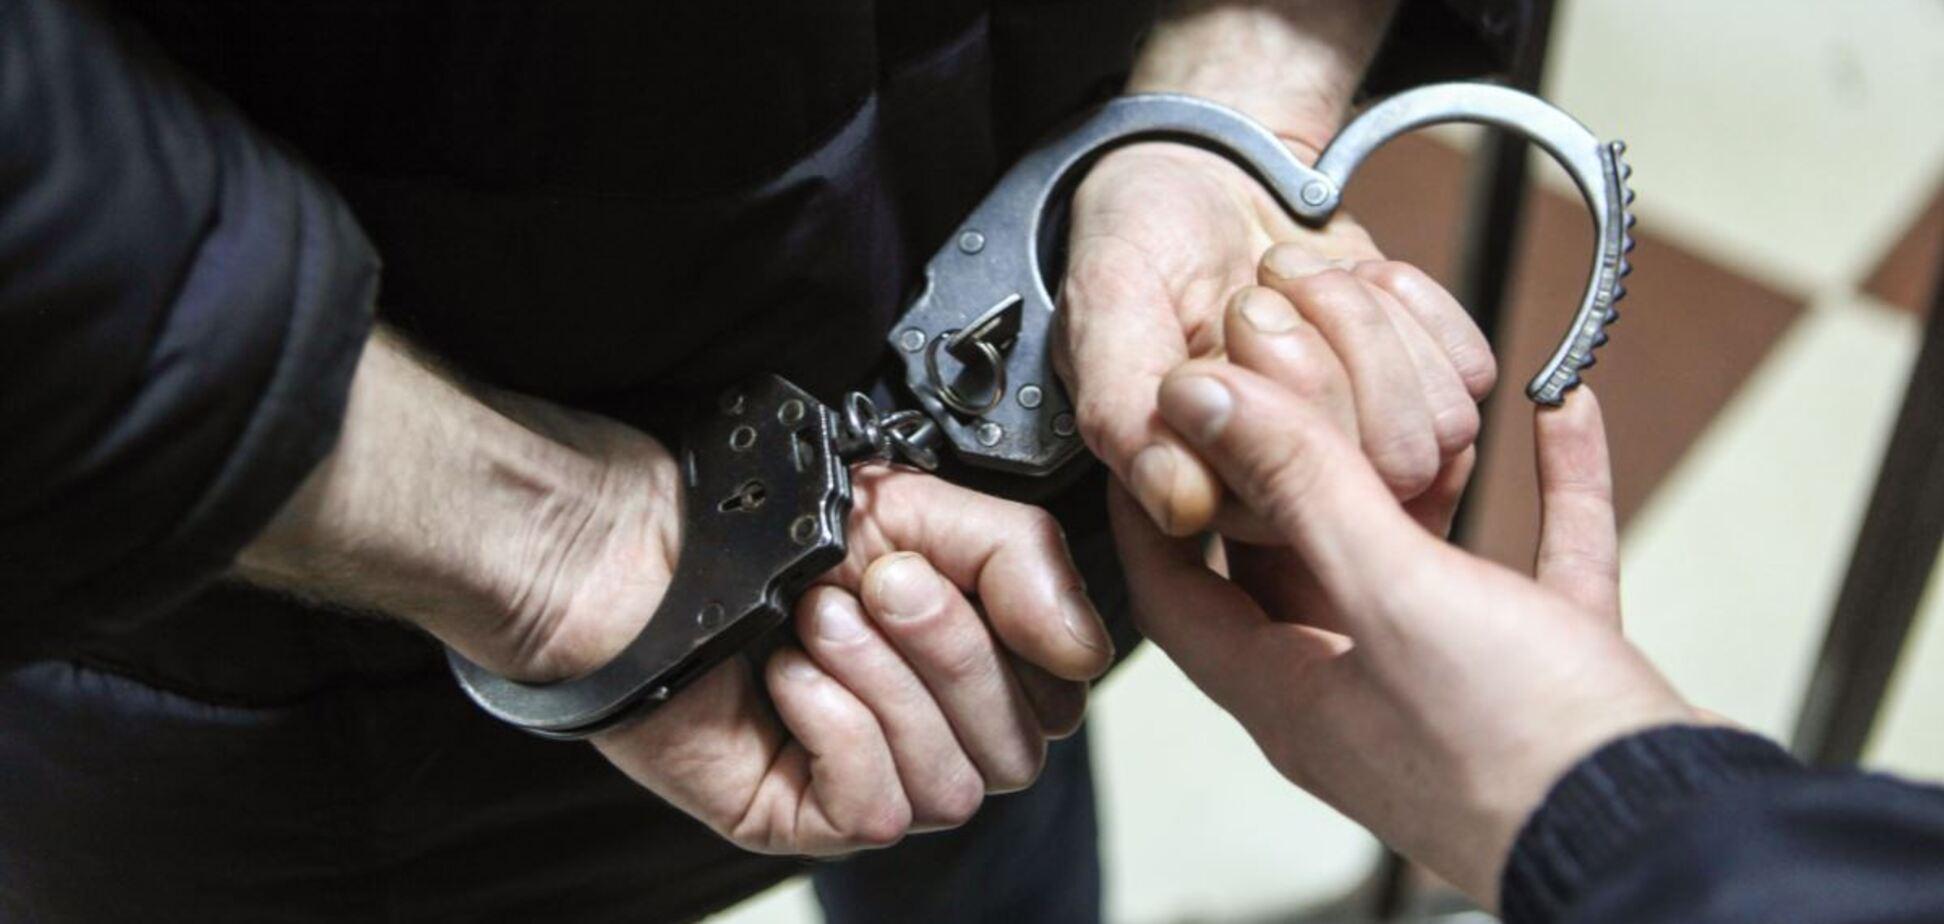 На кордоні з Кримом затримали спільника ФСБ